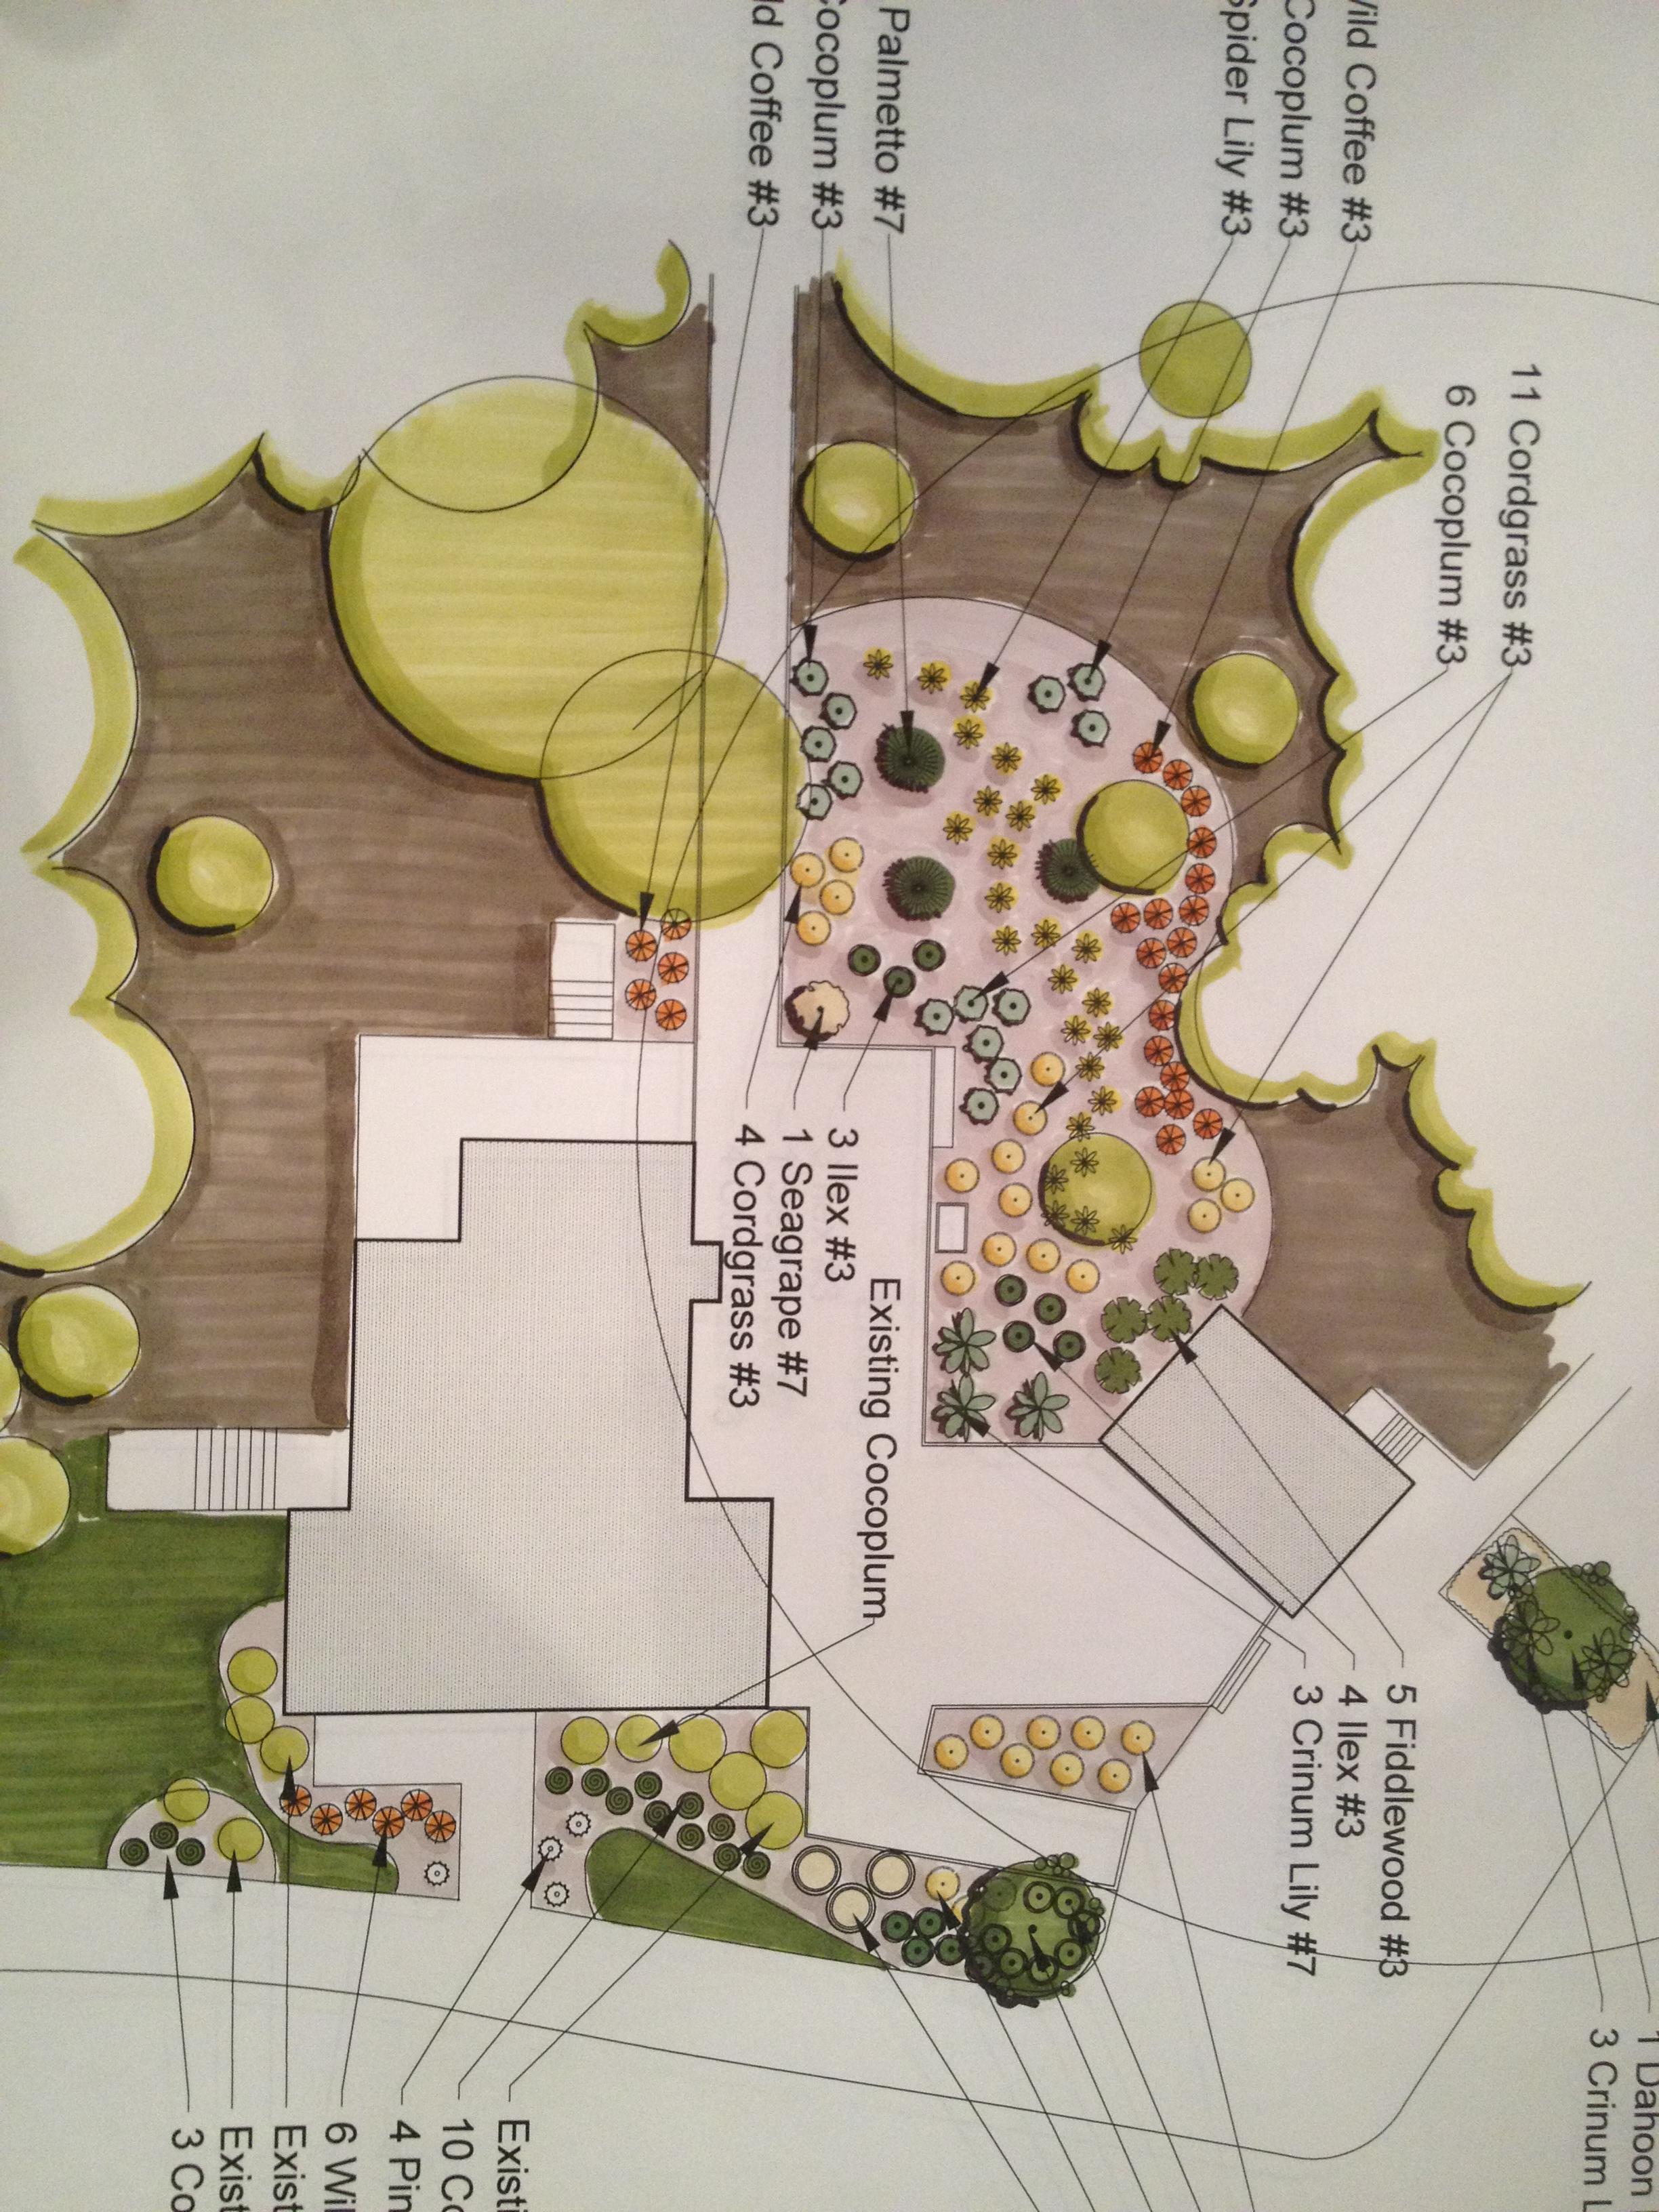 Landscape Plan Mike Flaugh Landscape Architect